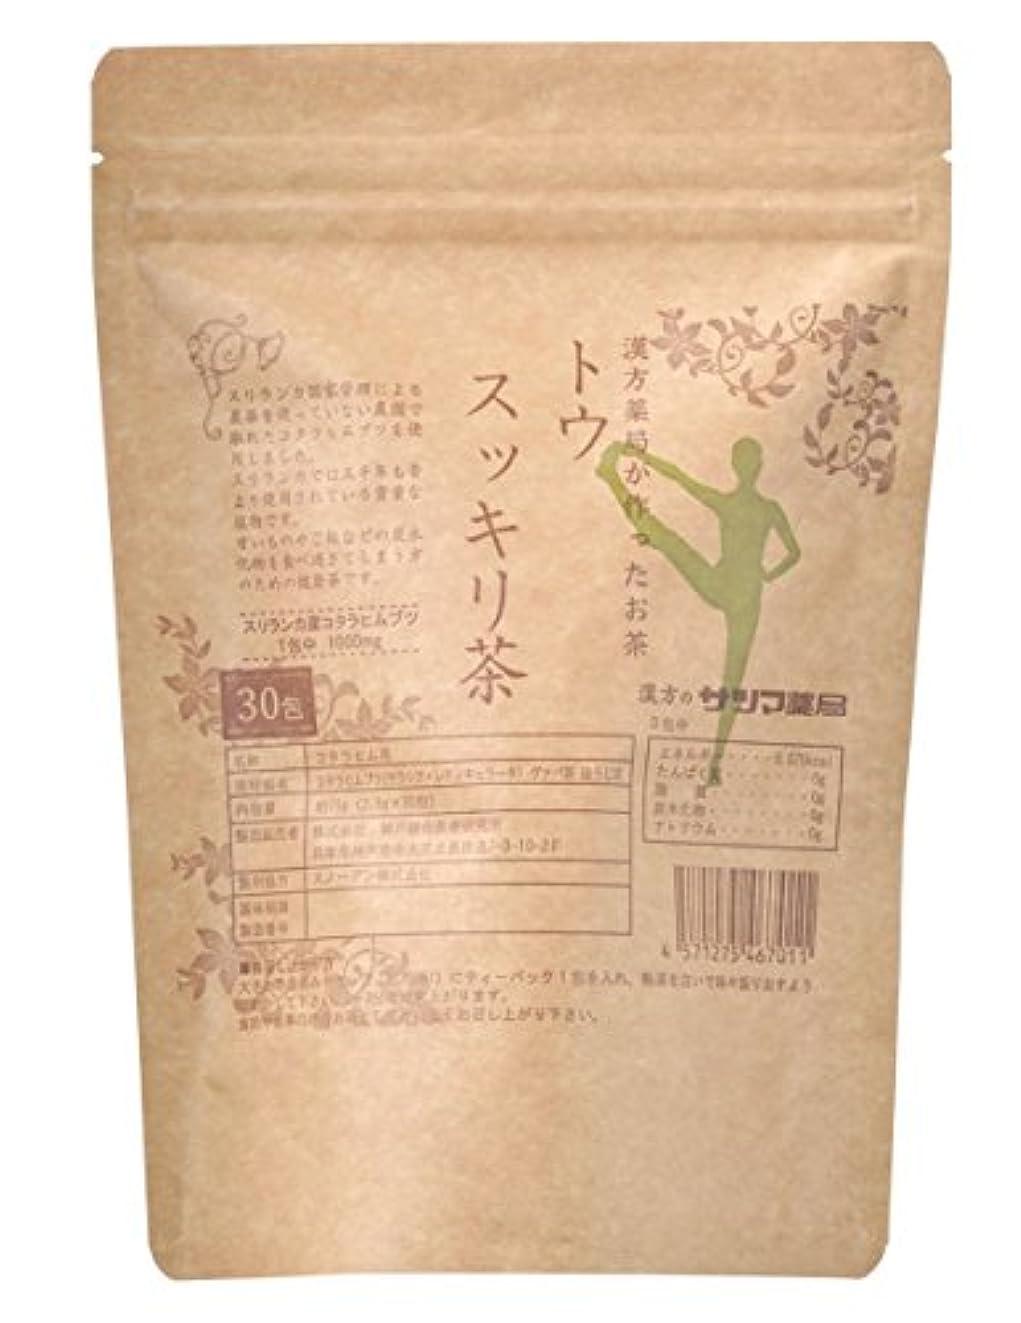 作者孤児申し立てるサツマ薬局 ダイエットティー トウスッキリ茶 30包 ティーパック 高濃度コタラヒム茶 ほうじ茶